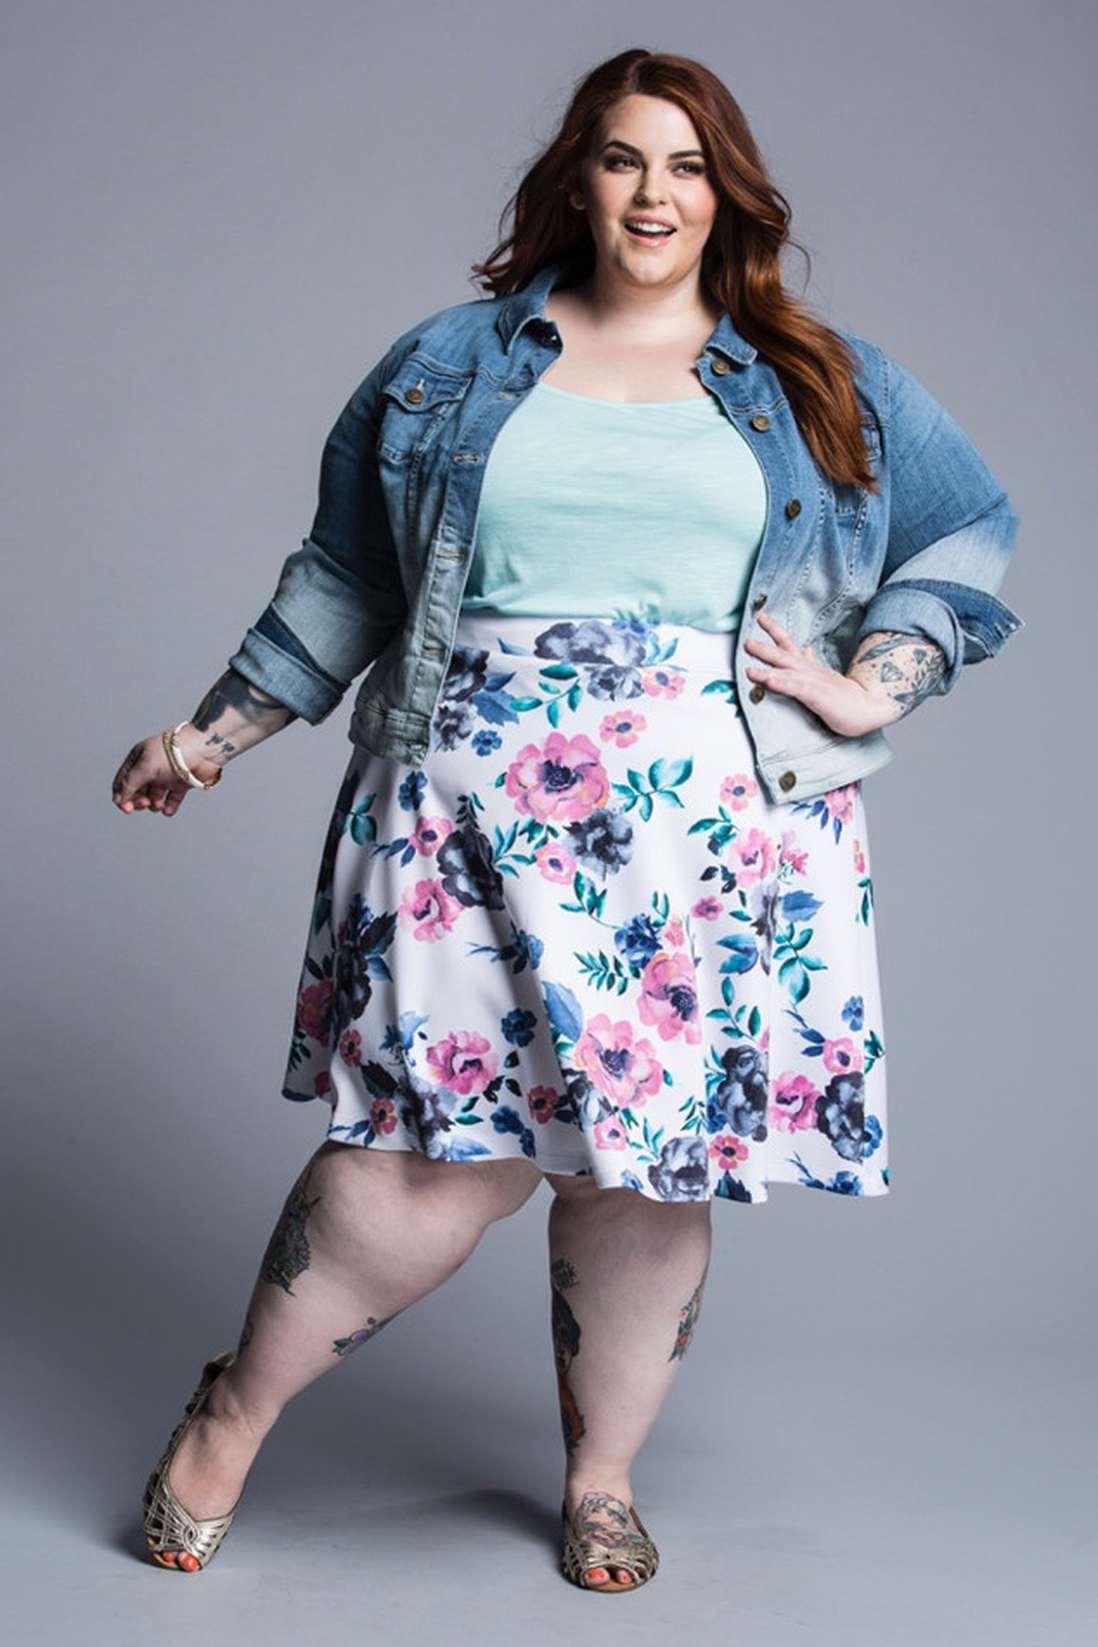 Картинки толстушек в одежде